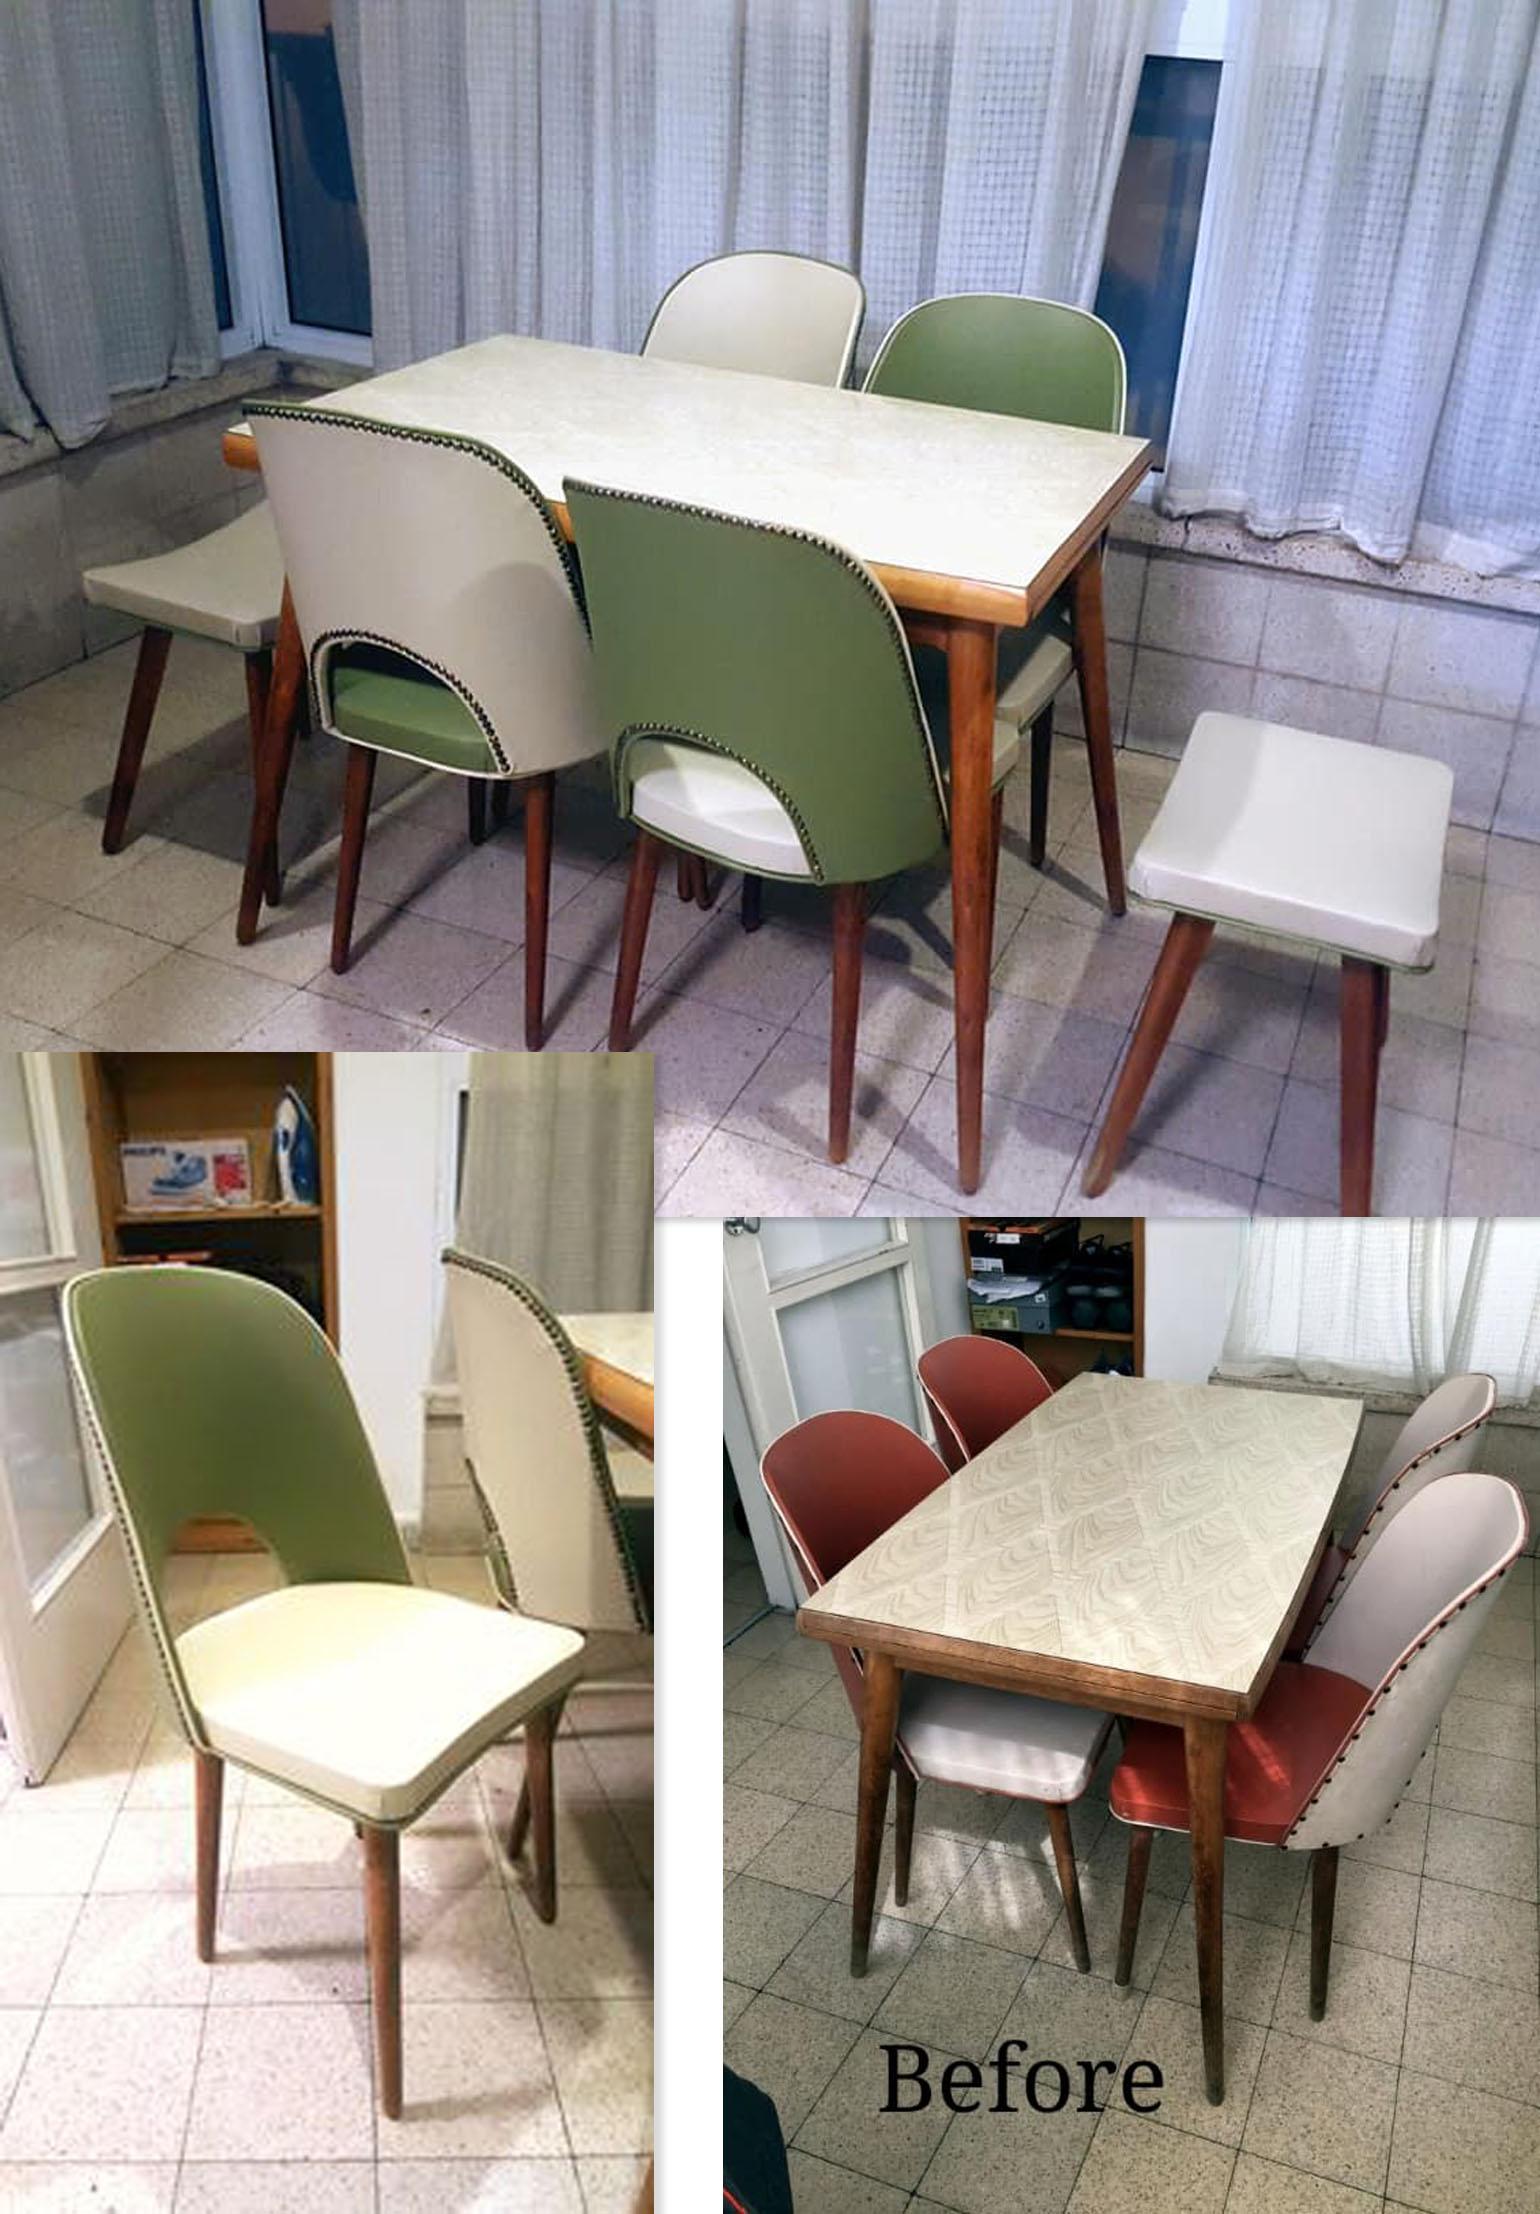 שולחנות כסאות וינטג' 24.4